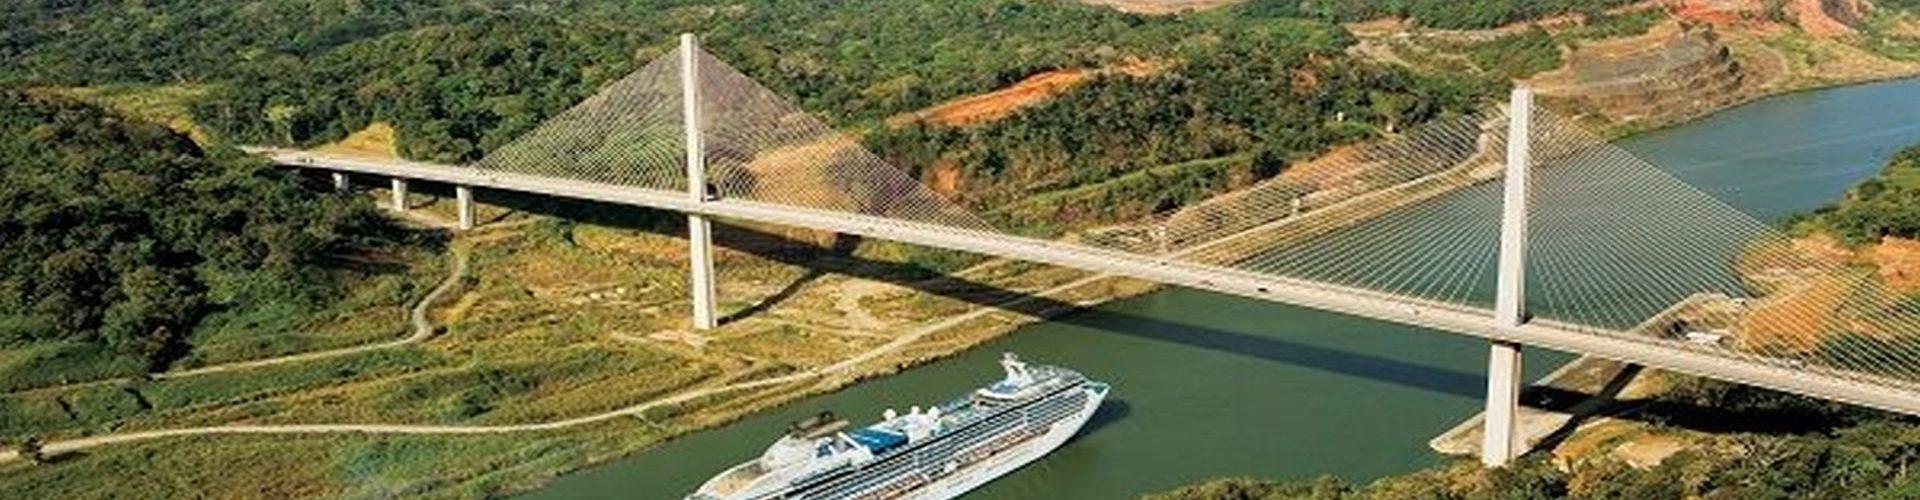 תעלת פנמה - מבט אווירי